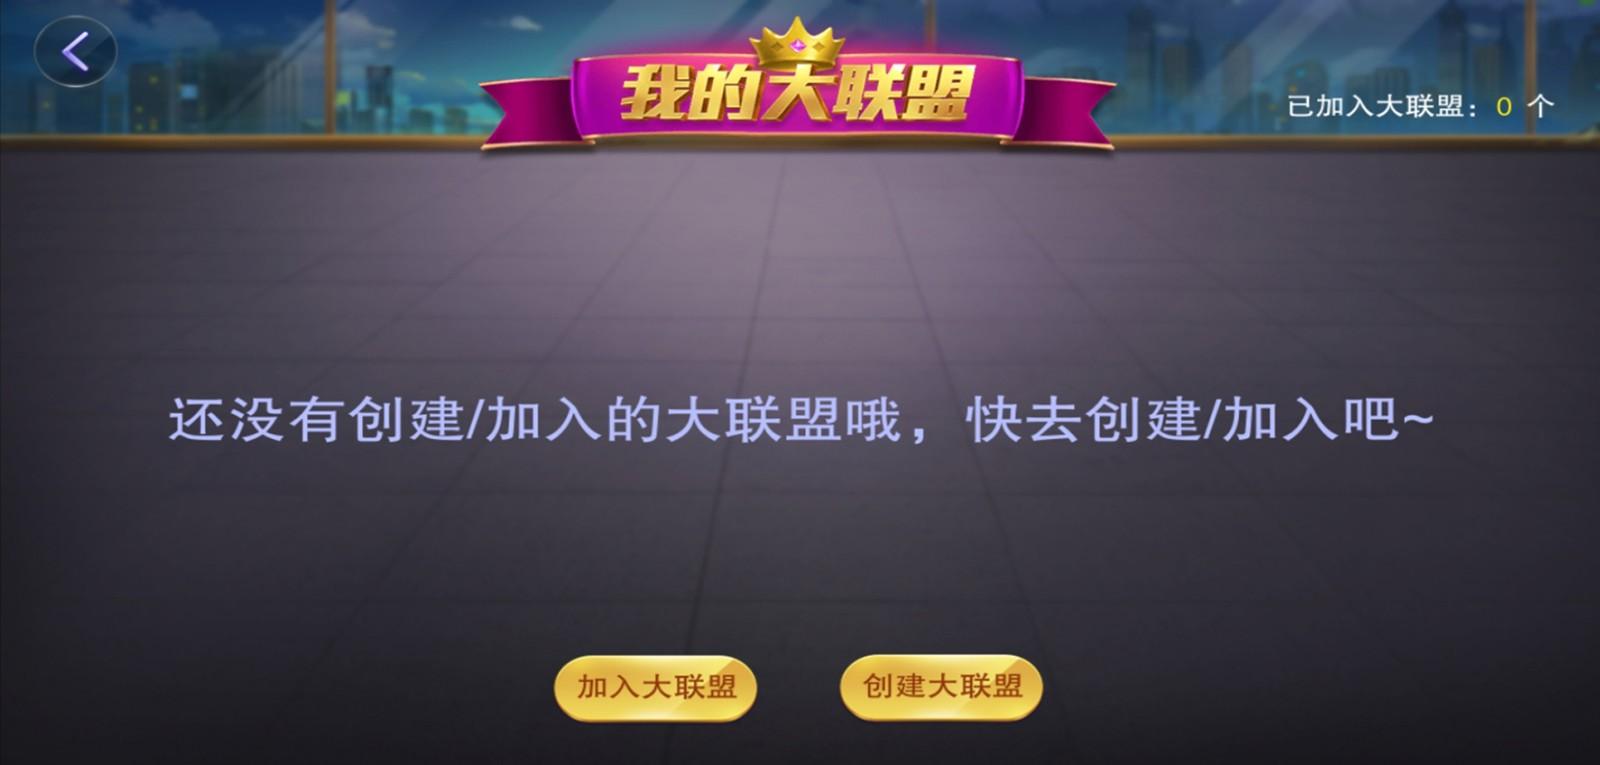 潮汕三公潮汇棋牌游戏源码房卡模式地方玩法+联盟俱乐部模式插图(4)